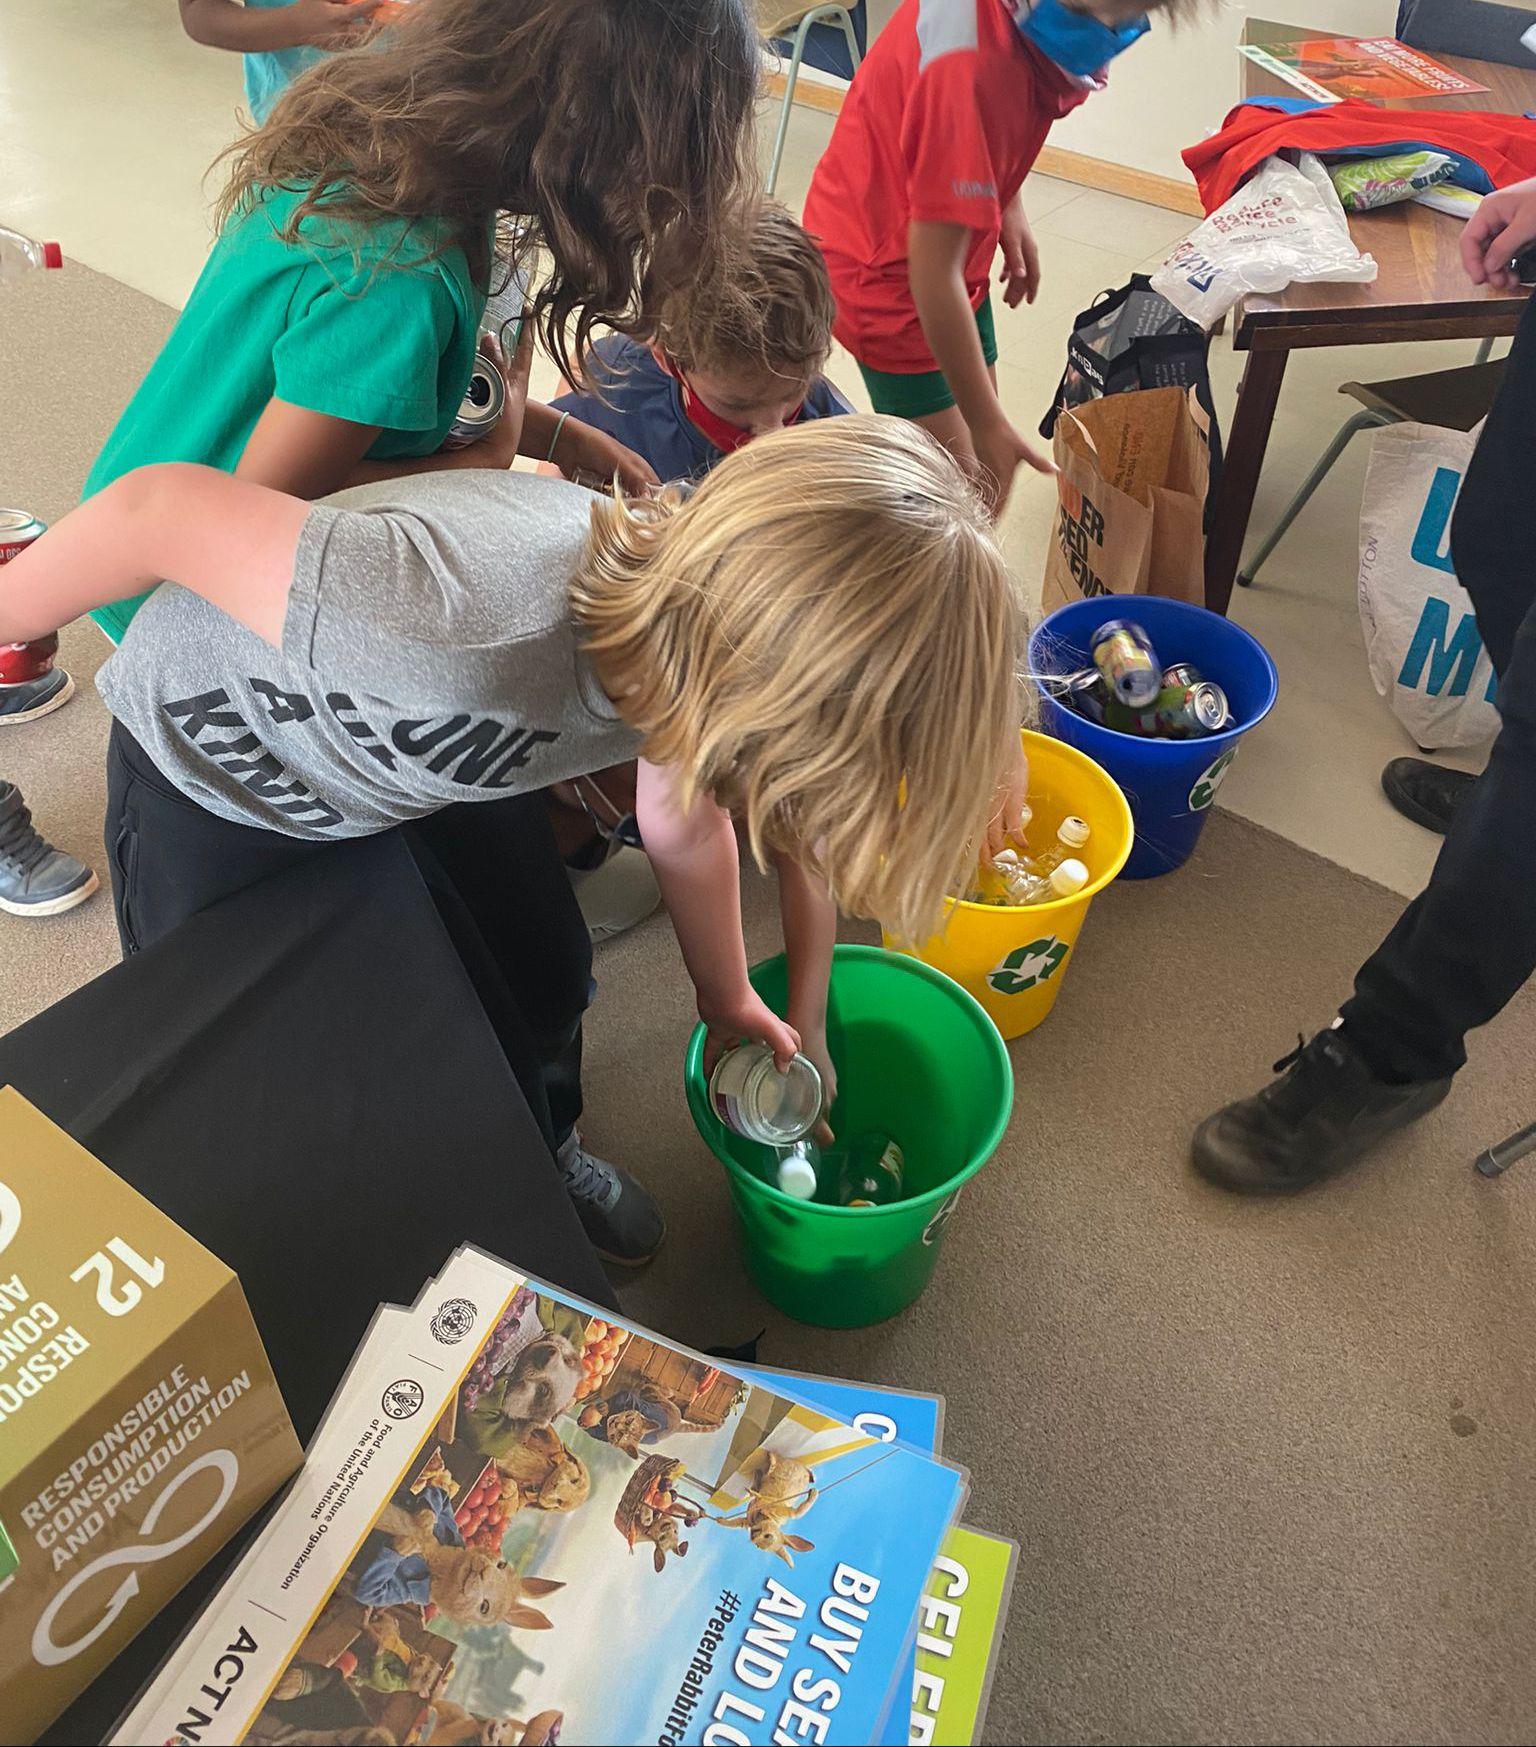 Children sort materials in recycling bins